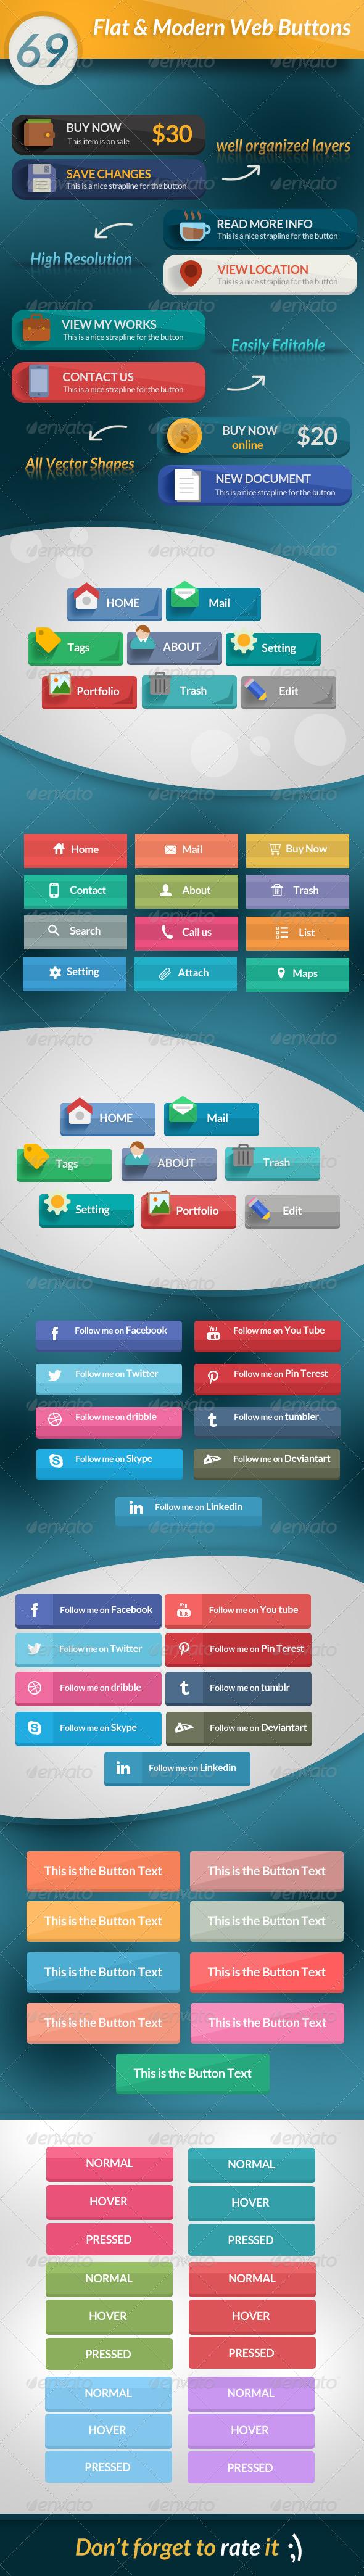 69 Flat & Modern Web Buttons - Buttons Web Elements